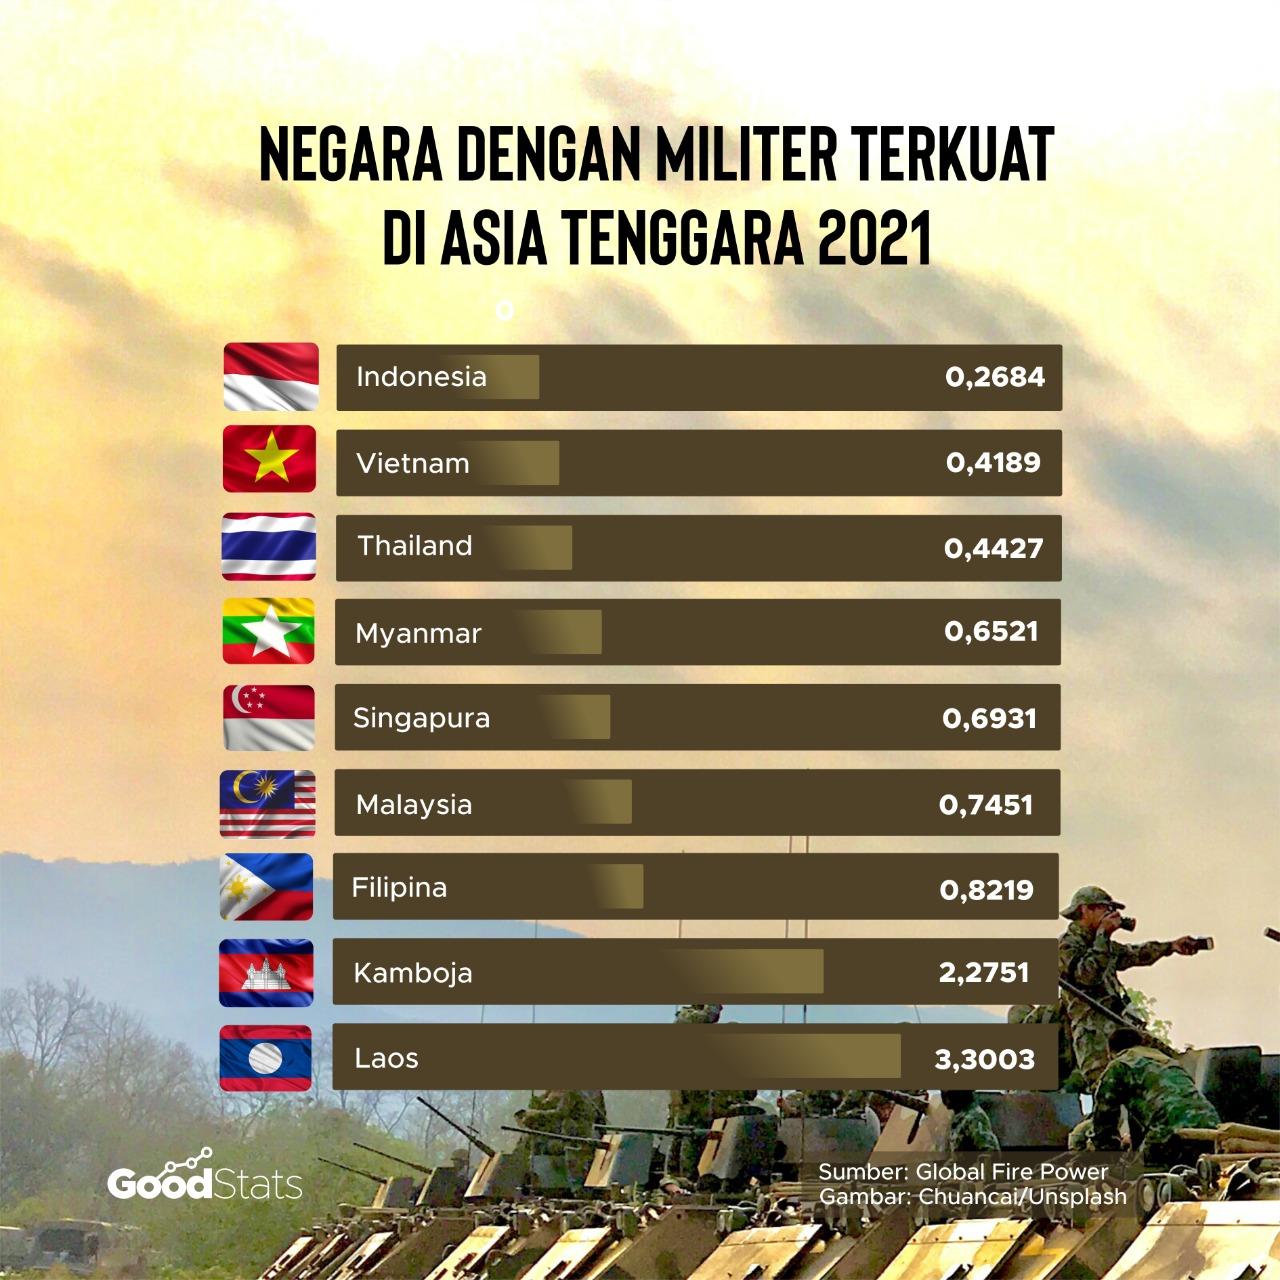 Peringkat kekuatan militer negara-negara Asia Tenggara   GoodStats